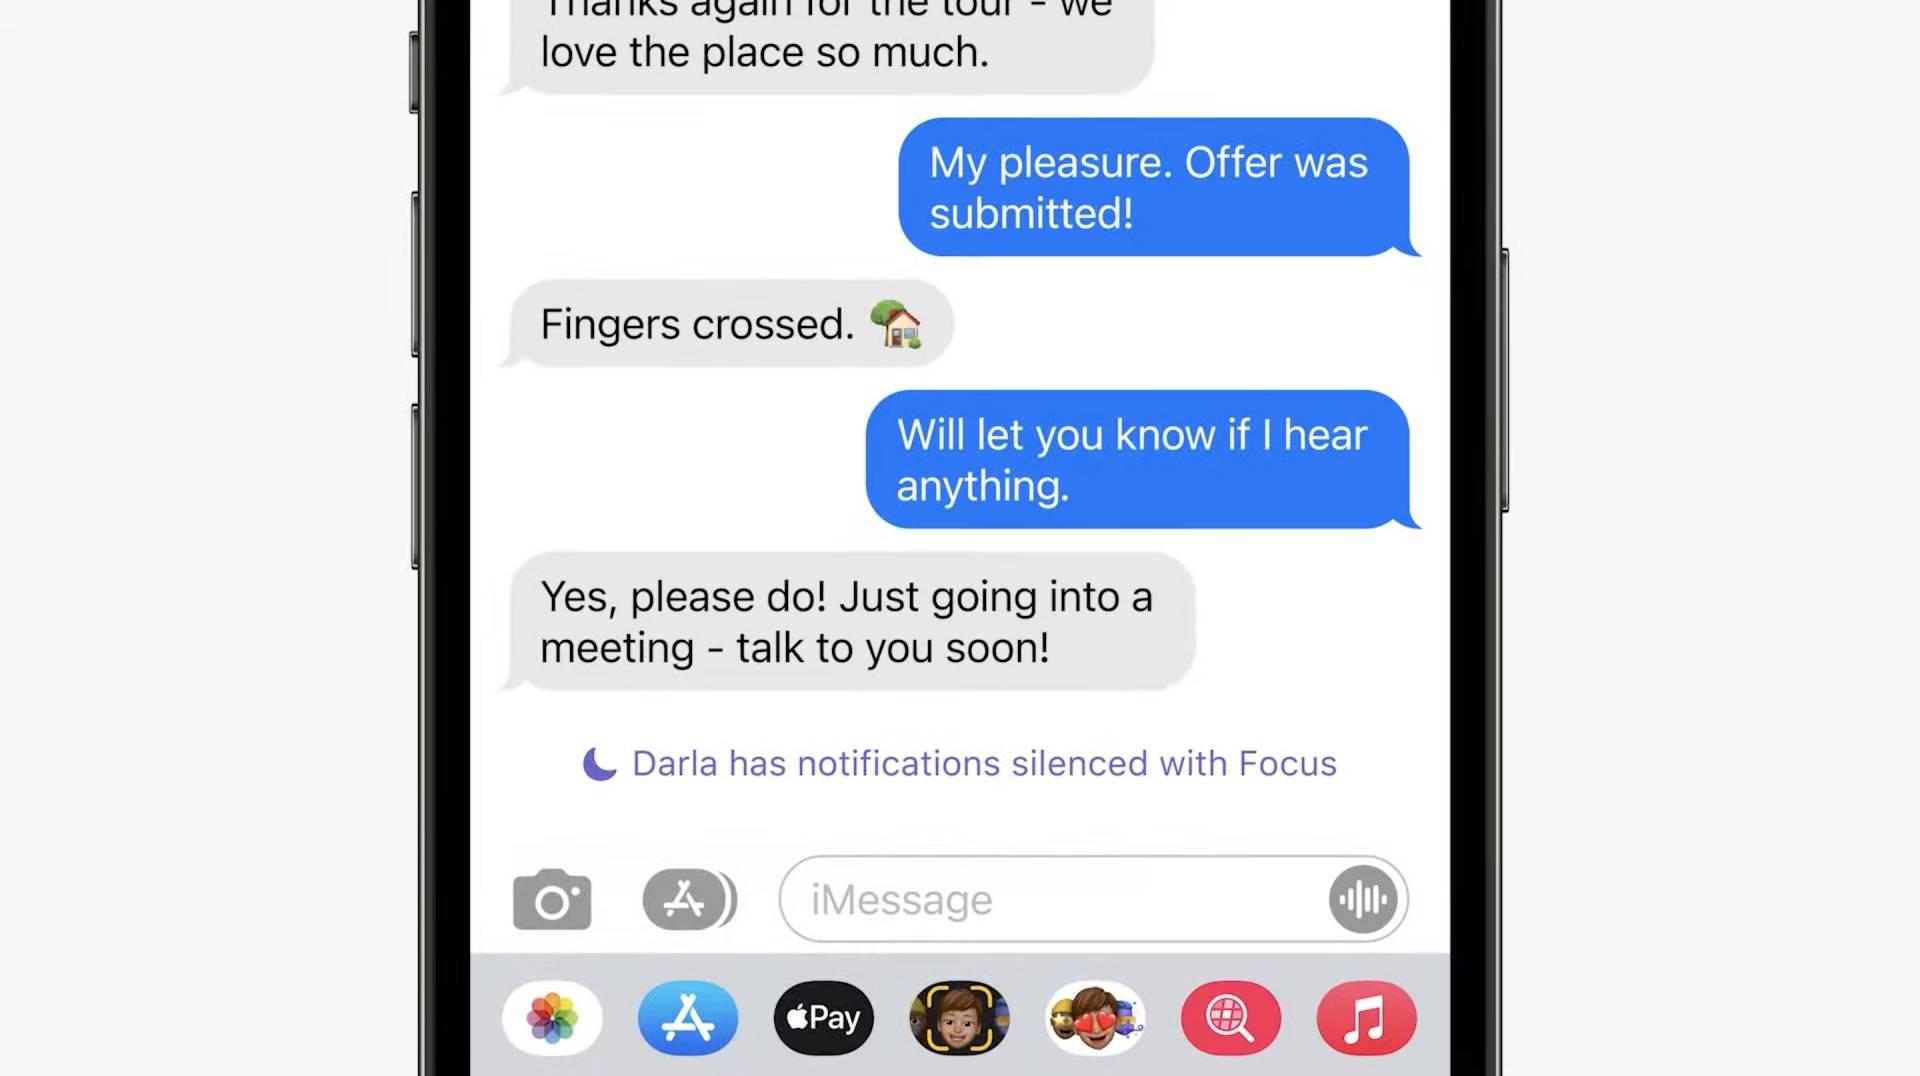 Focus - režim nerušiť sa zobrazí aj v iMessage - WWDC 2021